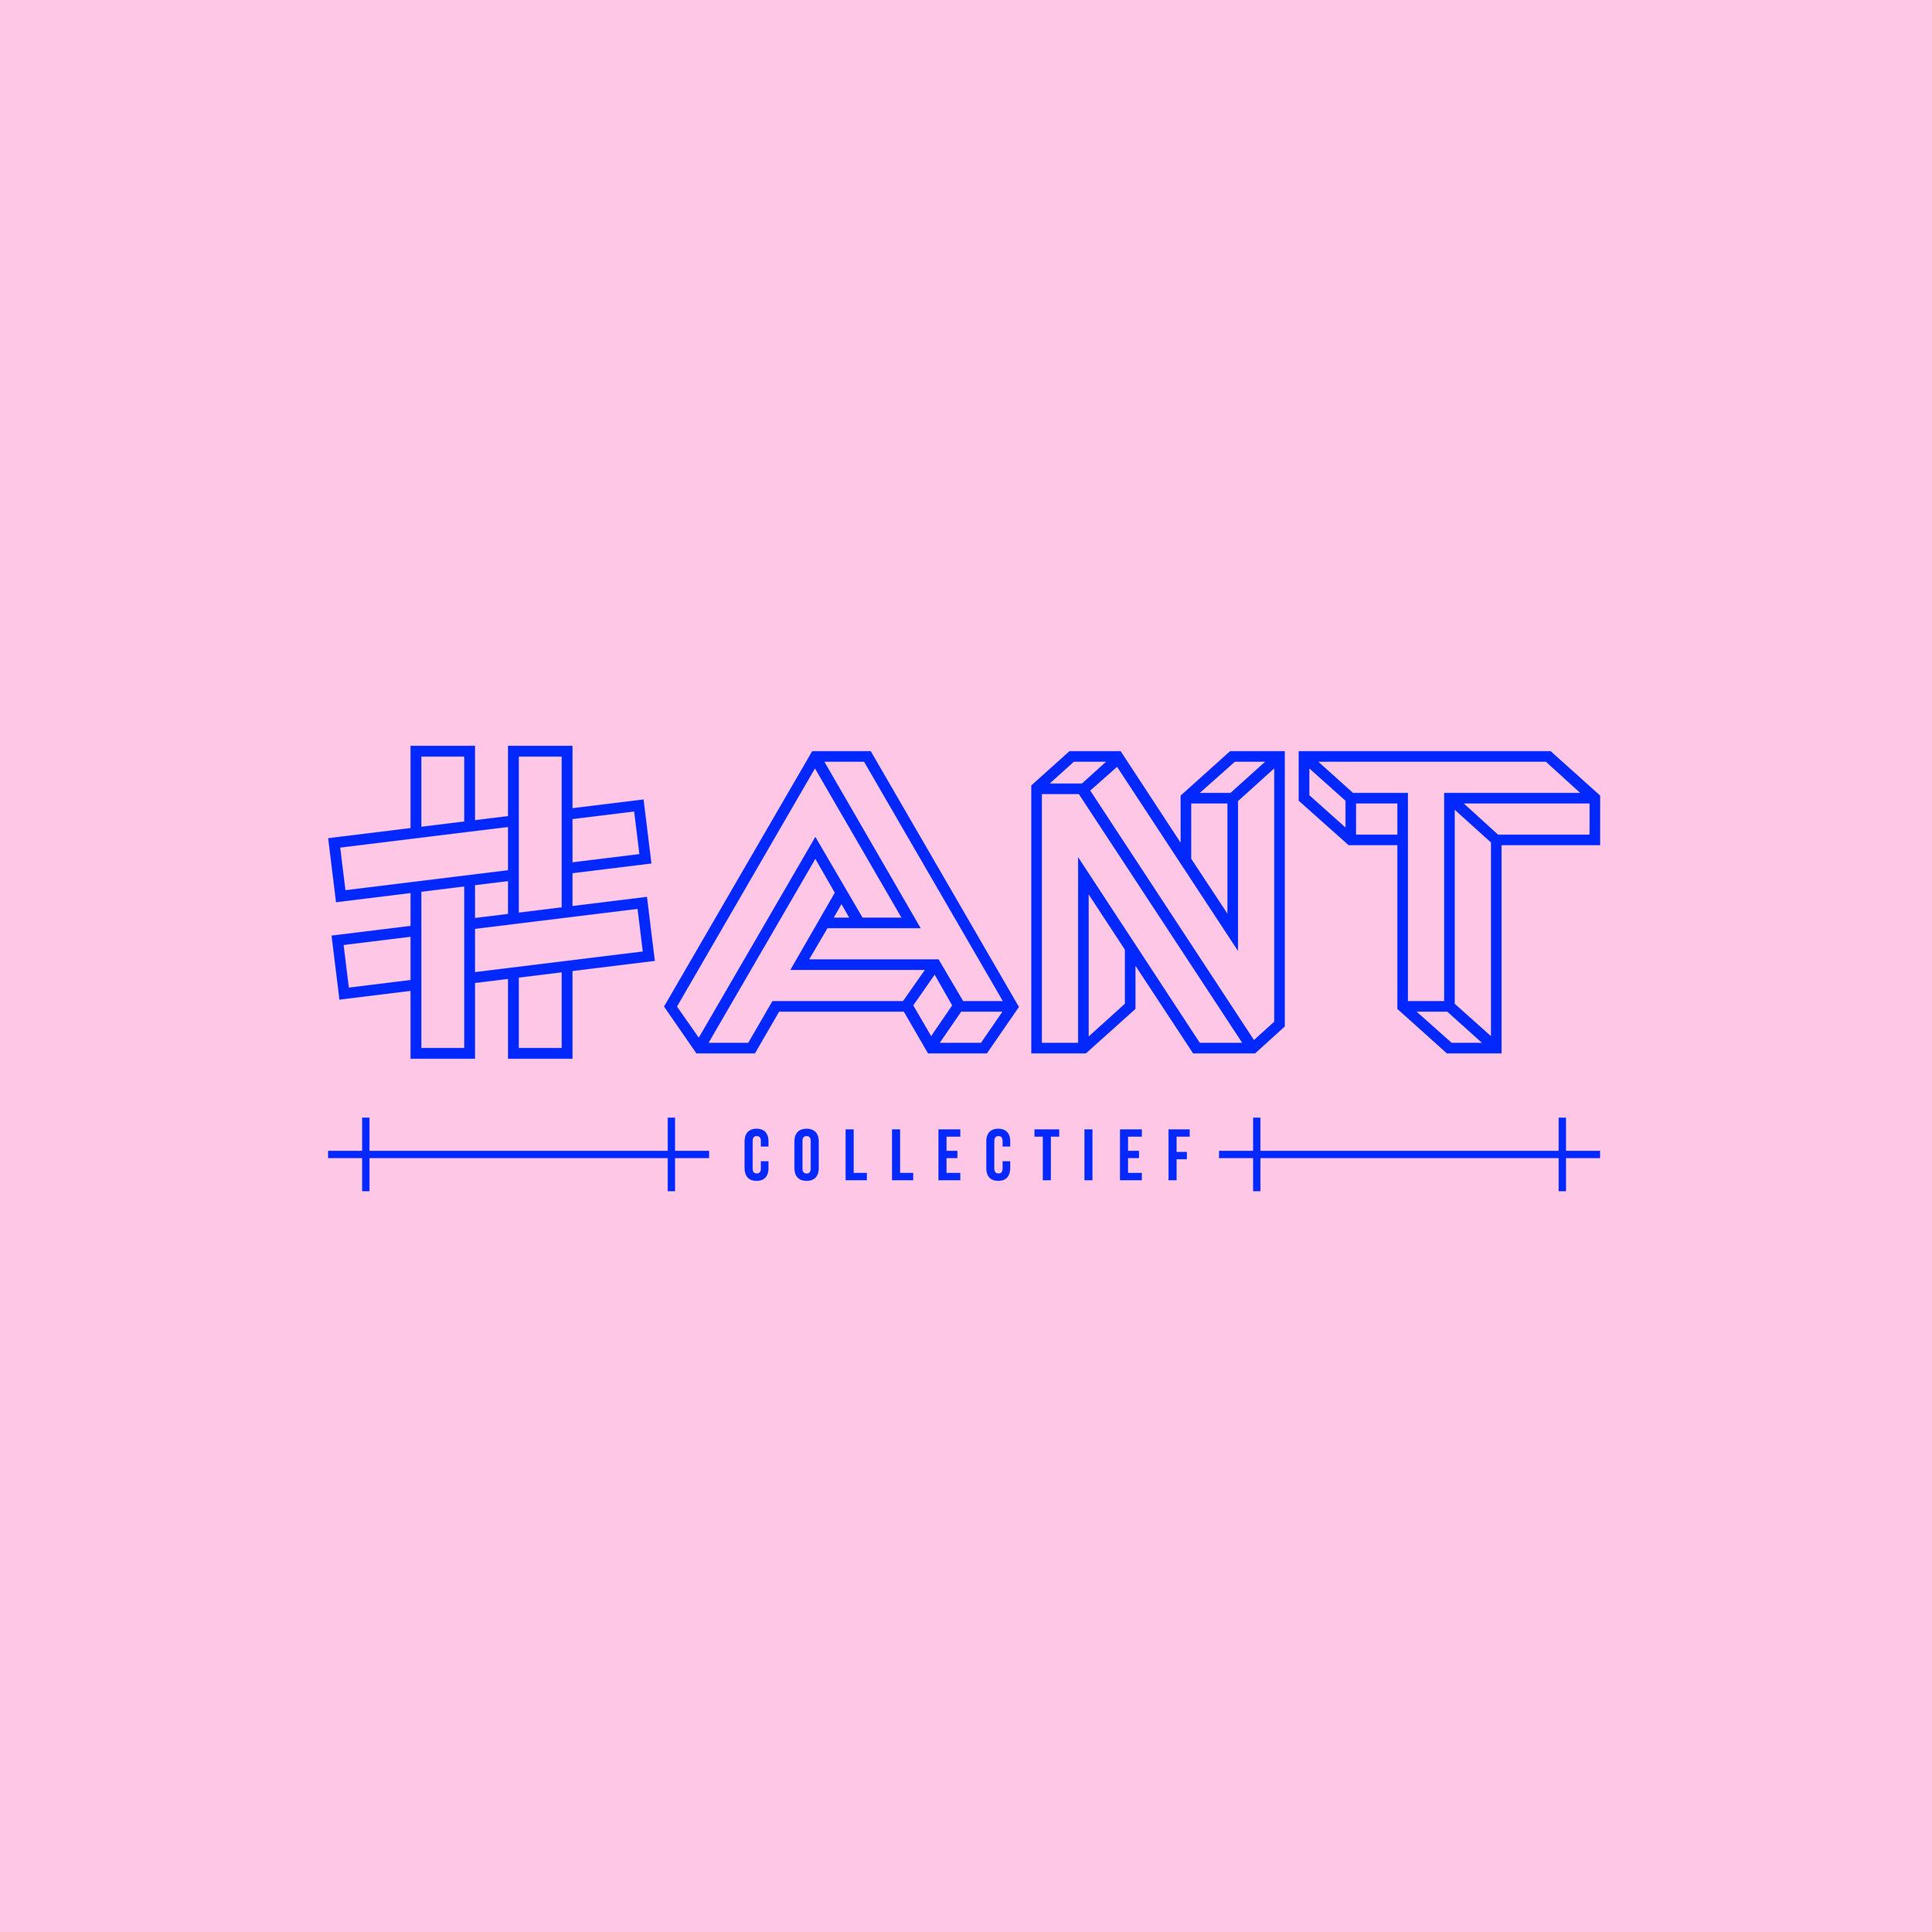 logo en huisstijl voor #ant